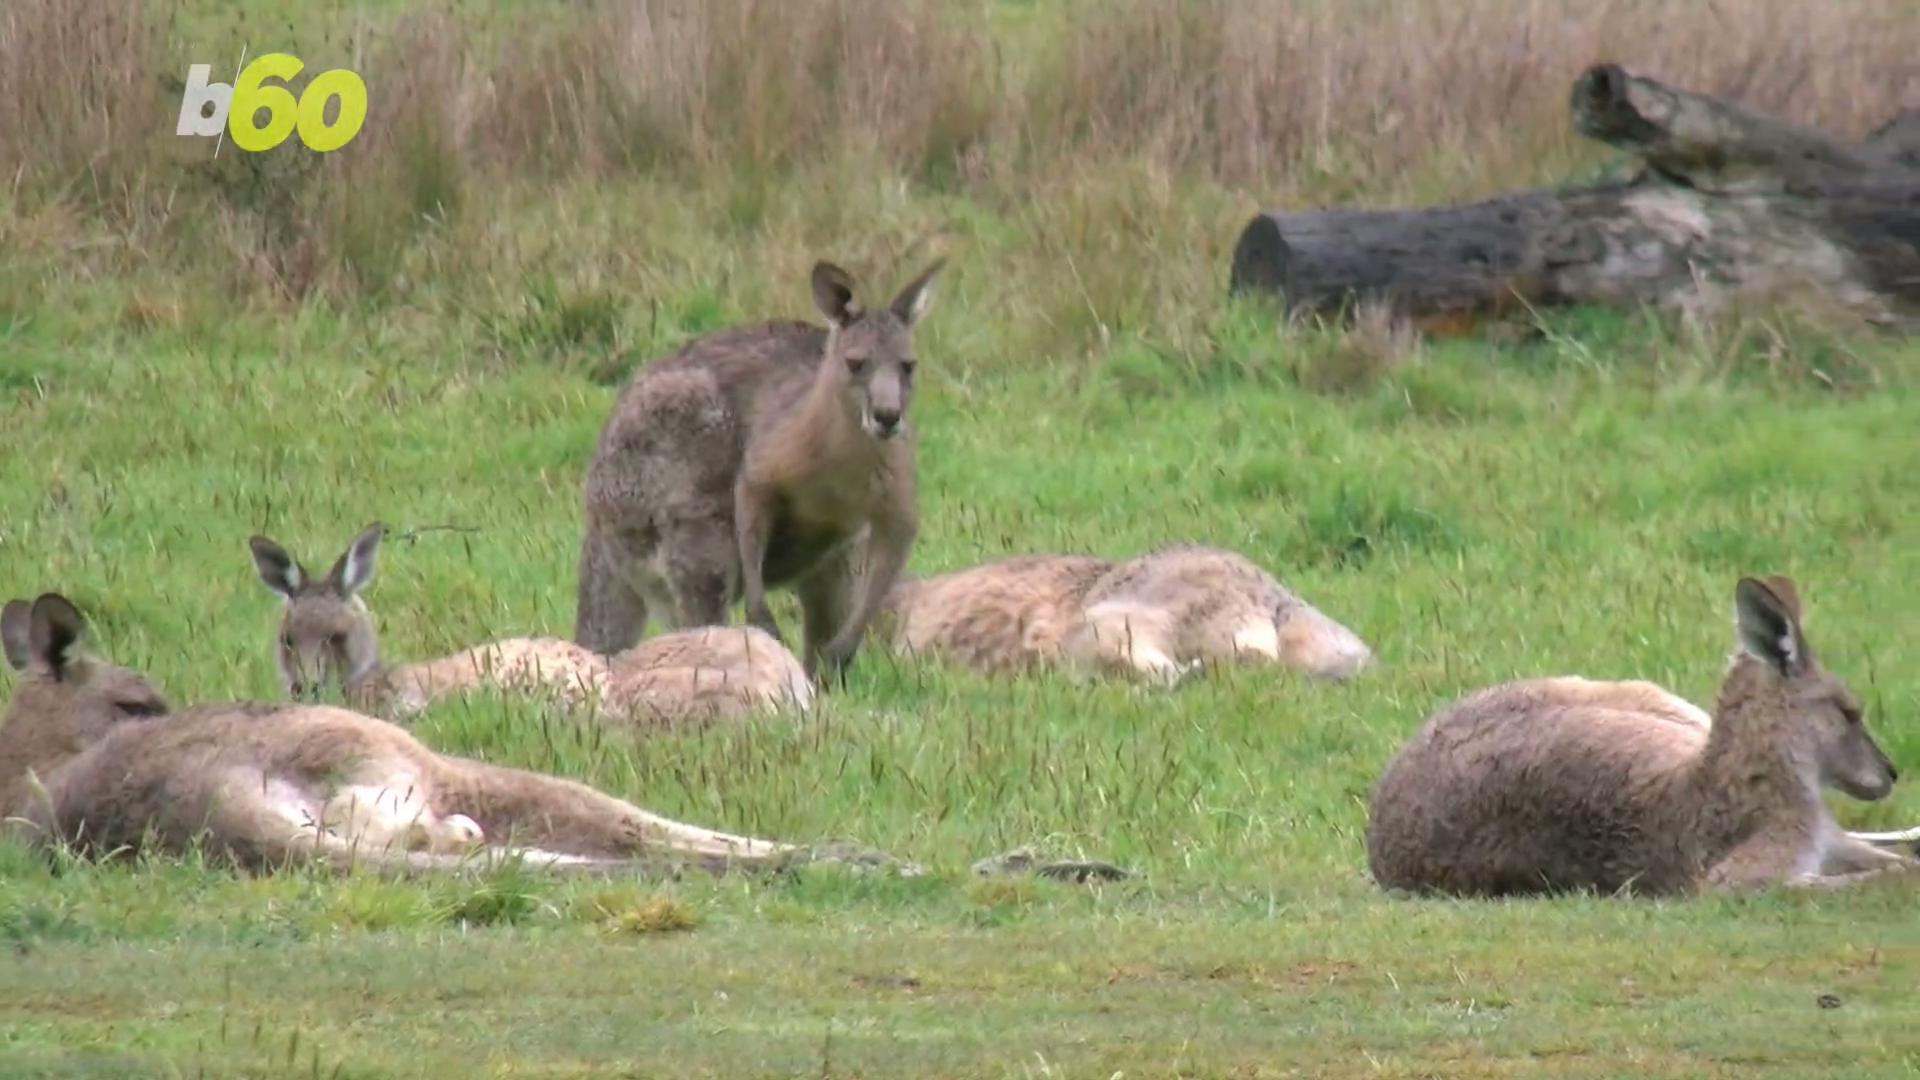 Mating Kangaroos Get Busy Blocking Traffic on Busy Street